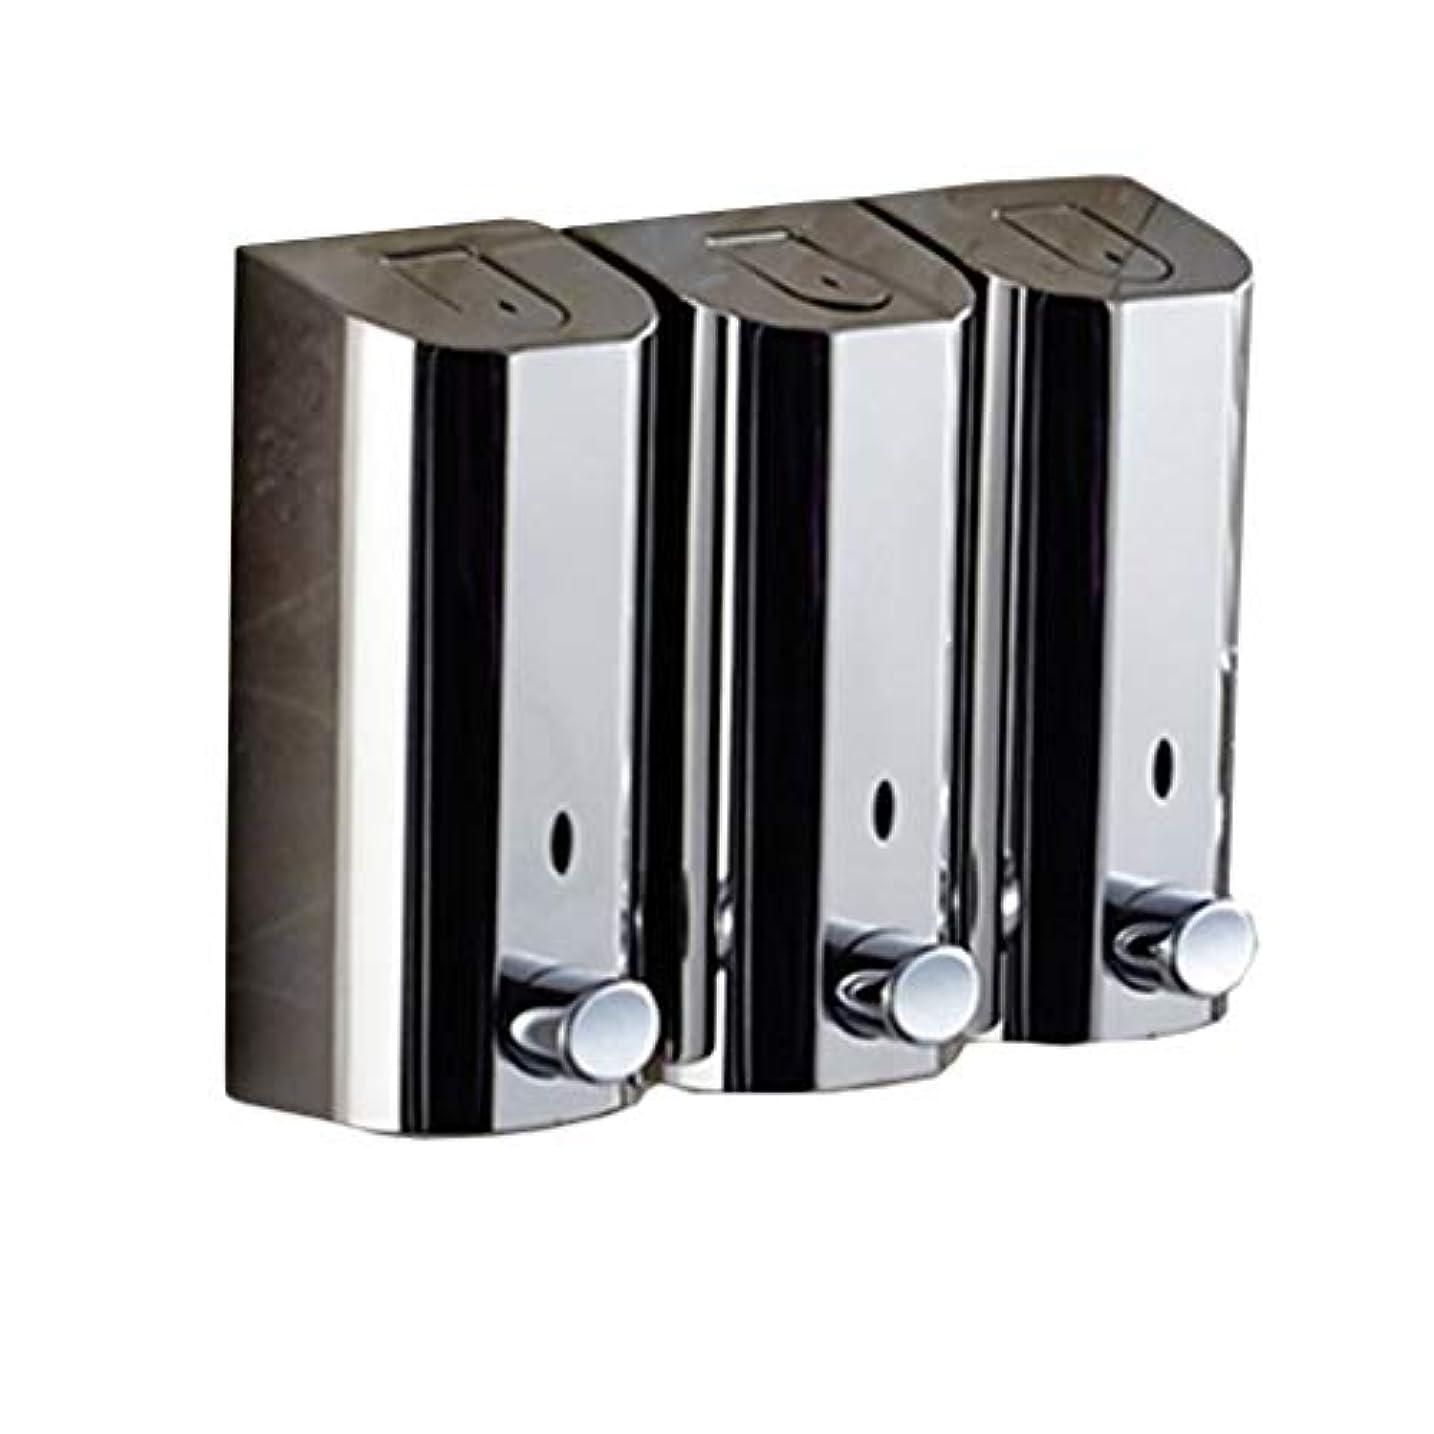 柱露出度の高いマガジンKylinssh タッチレスソープディスペンサー、500 ml * 3自動液体ディスペンサー、防水、漏れ防止、タッチレスソープディスペンサー、キッチン、バスルーム